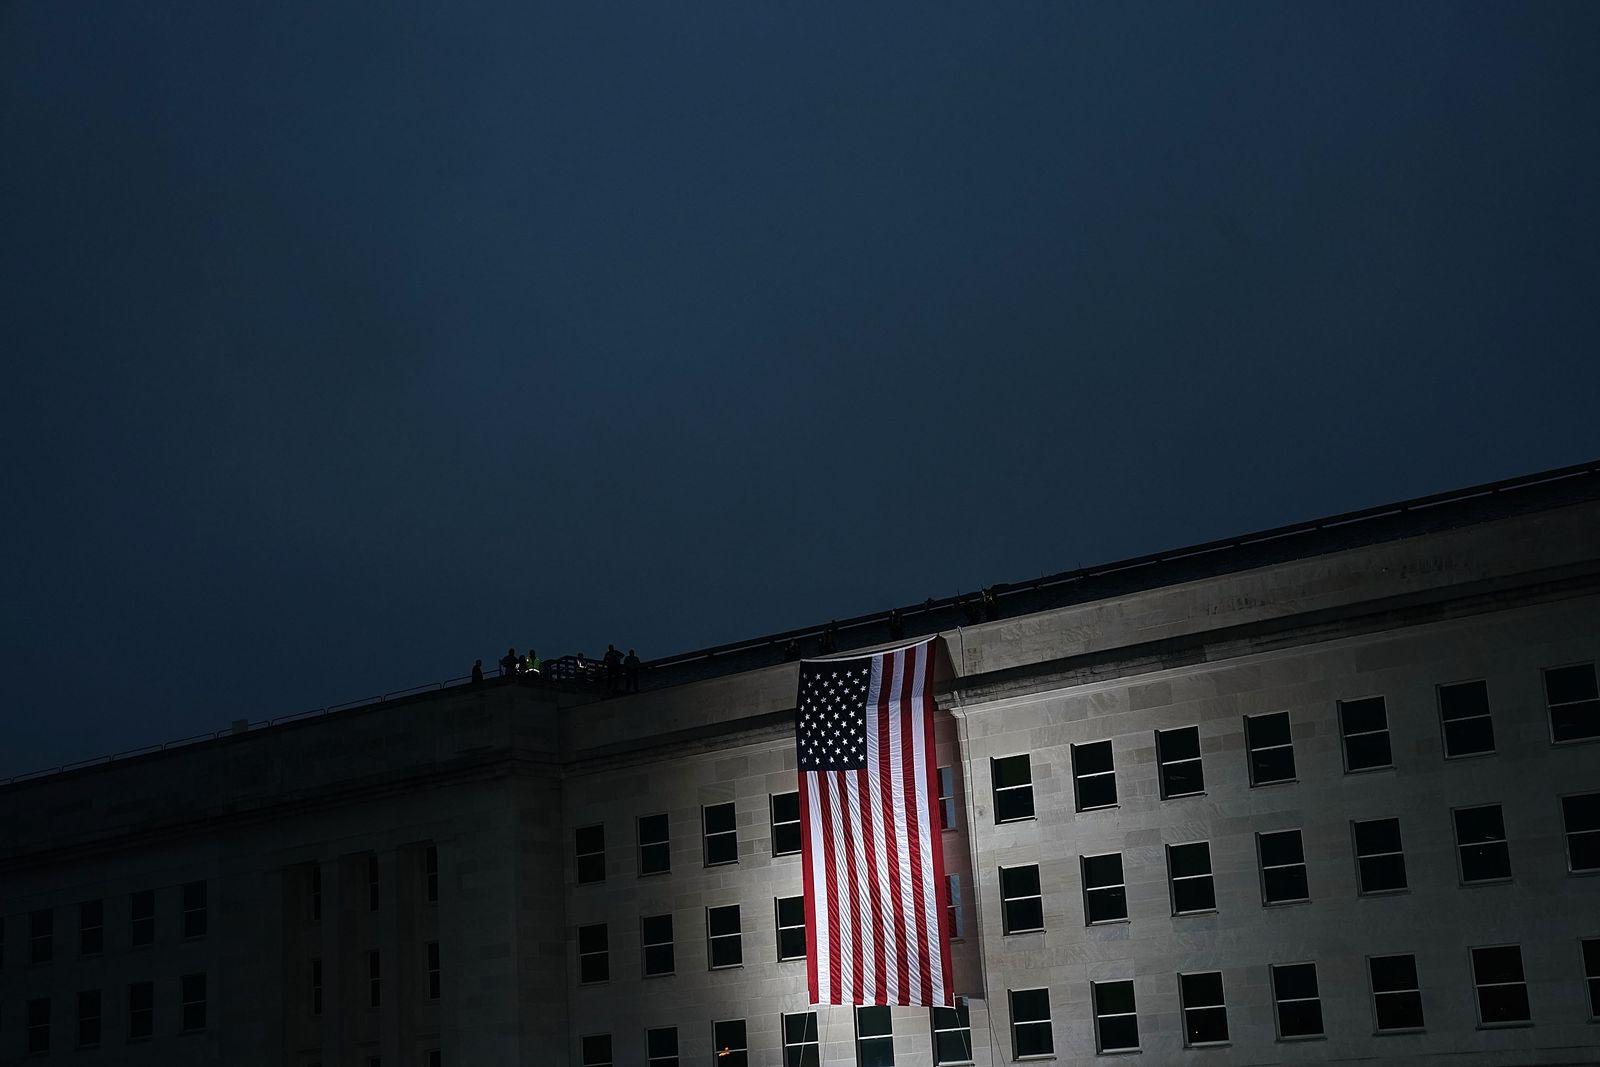 Pentagon Holds September 11th Memorial Observance Ceremony